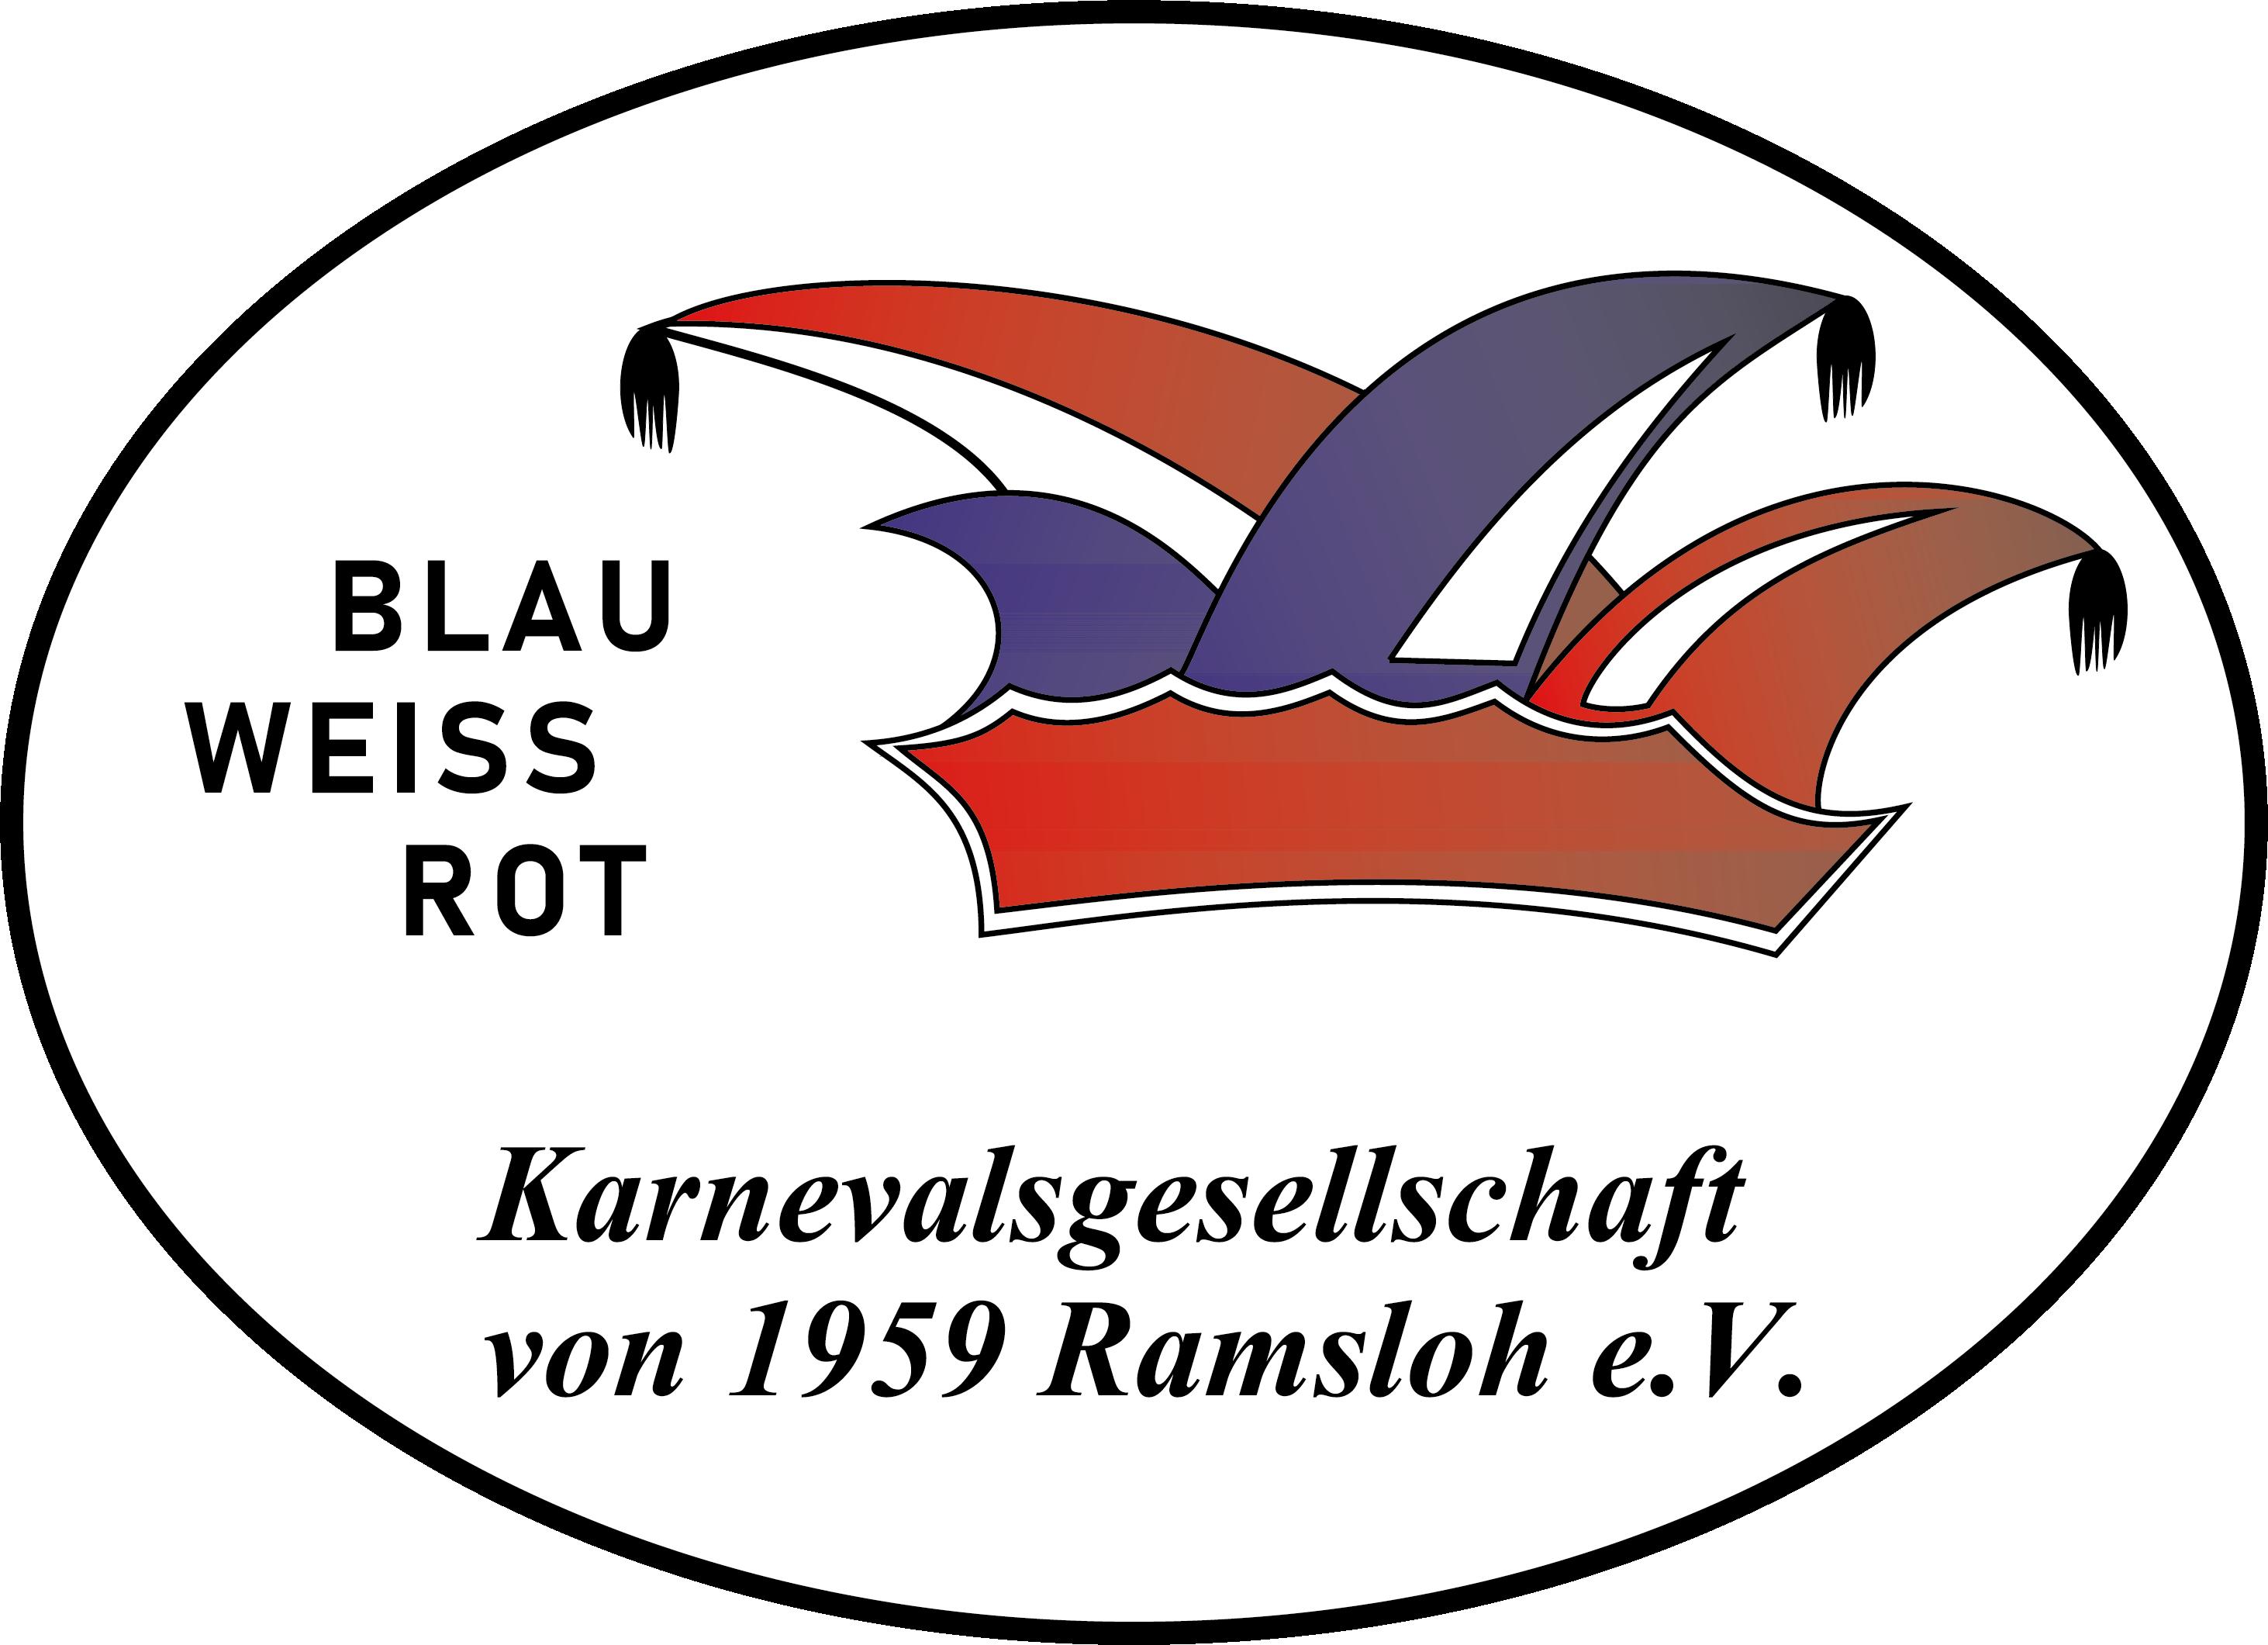 KVG Ramsloh von 1959 e.V.